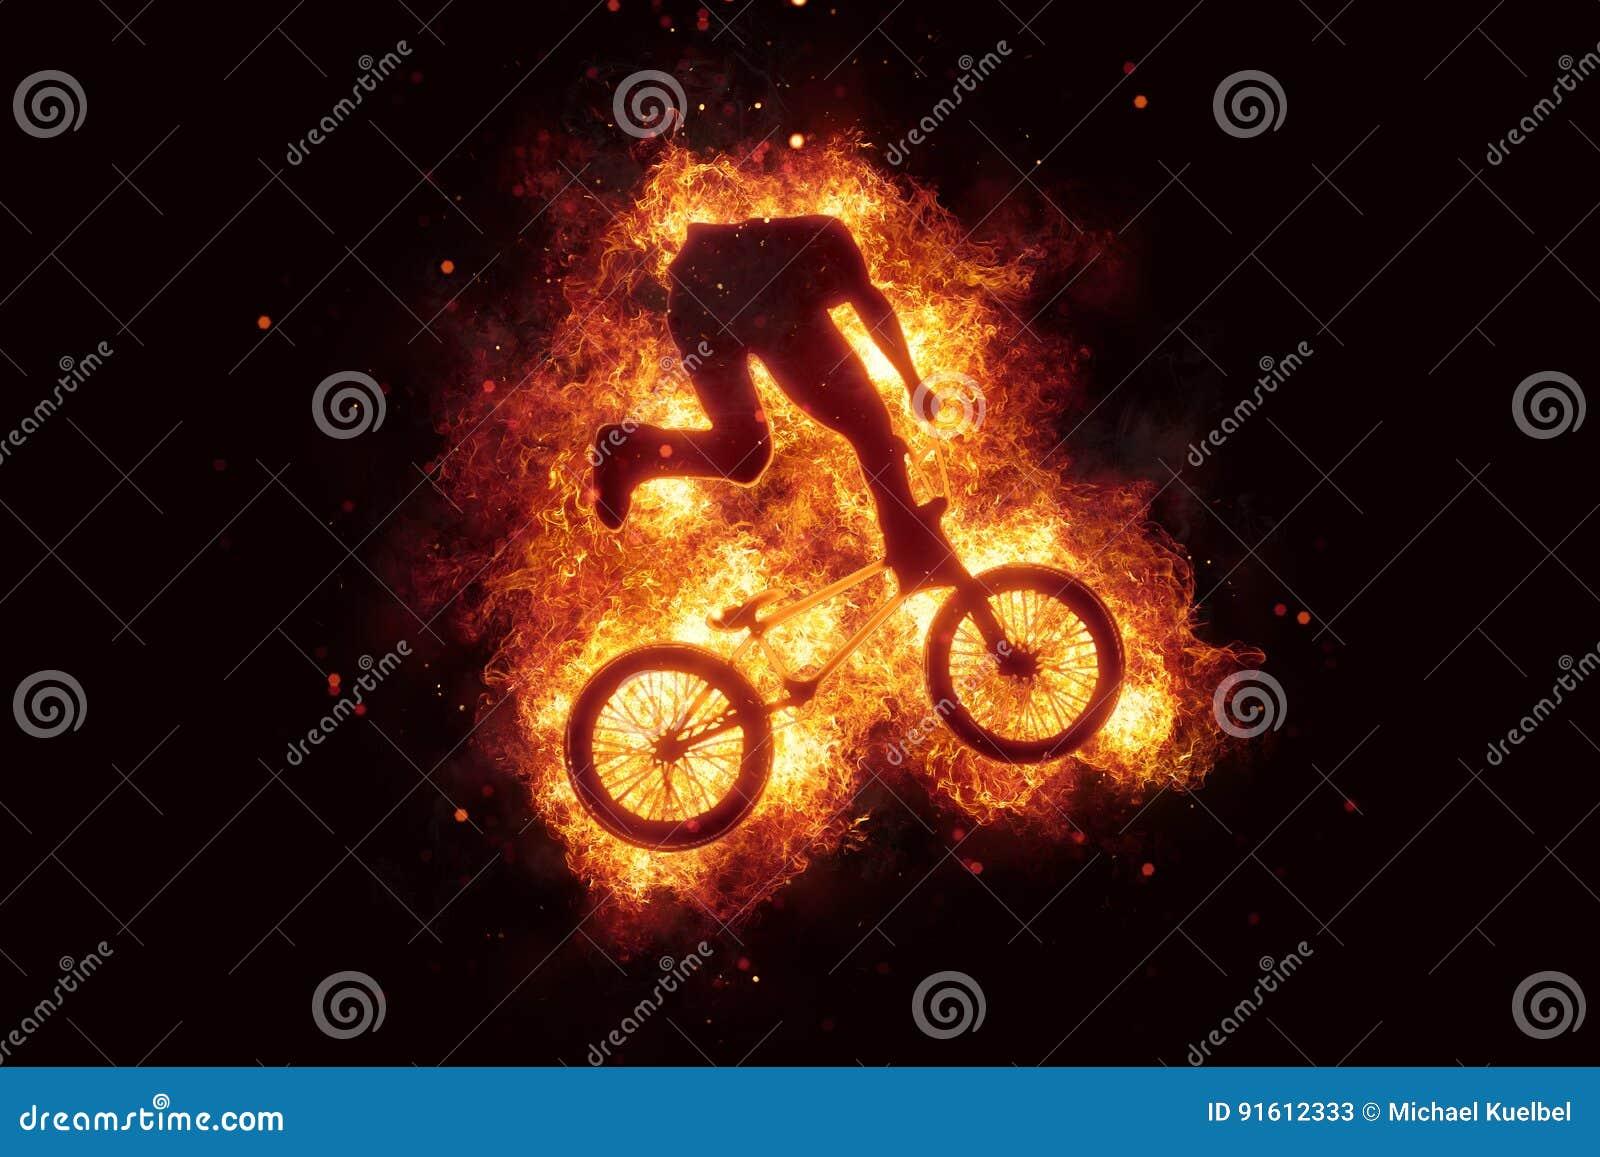 Burning bike bmx biker bikinig fire flames